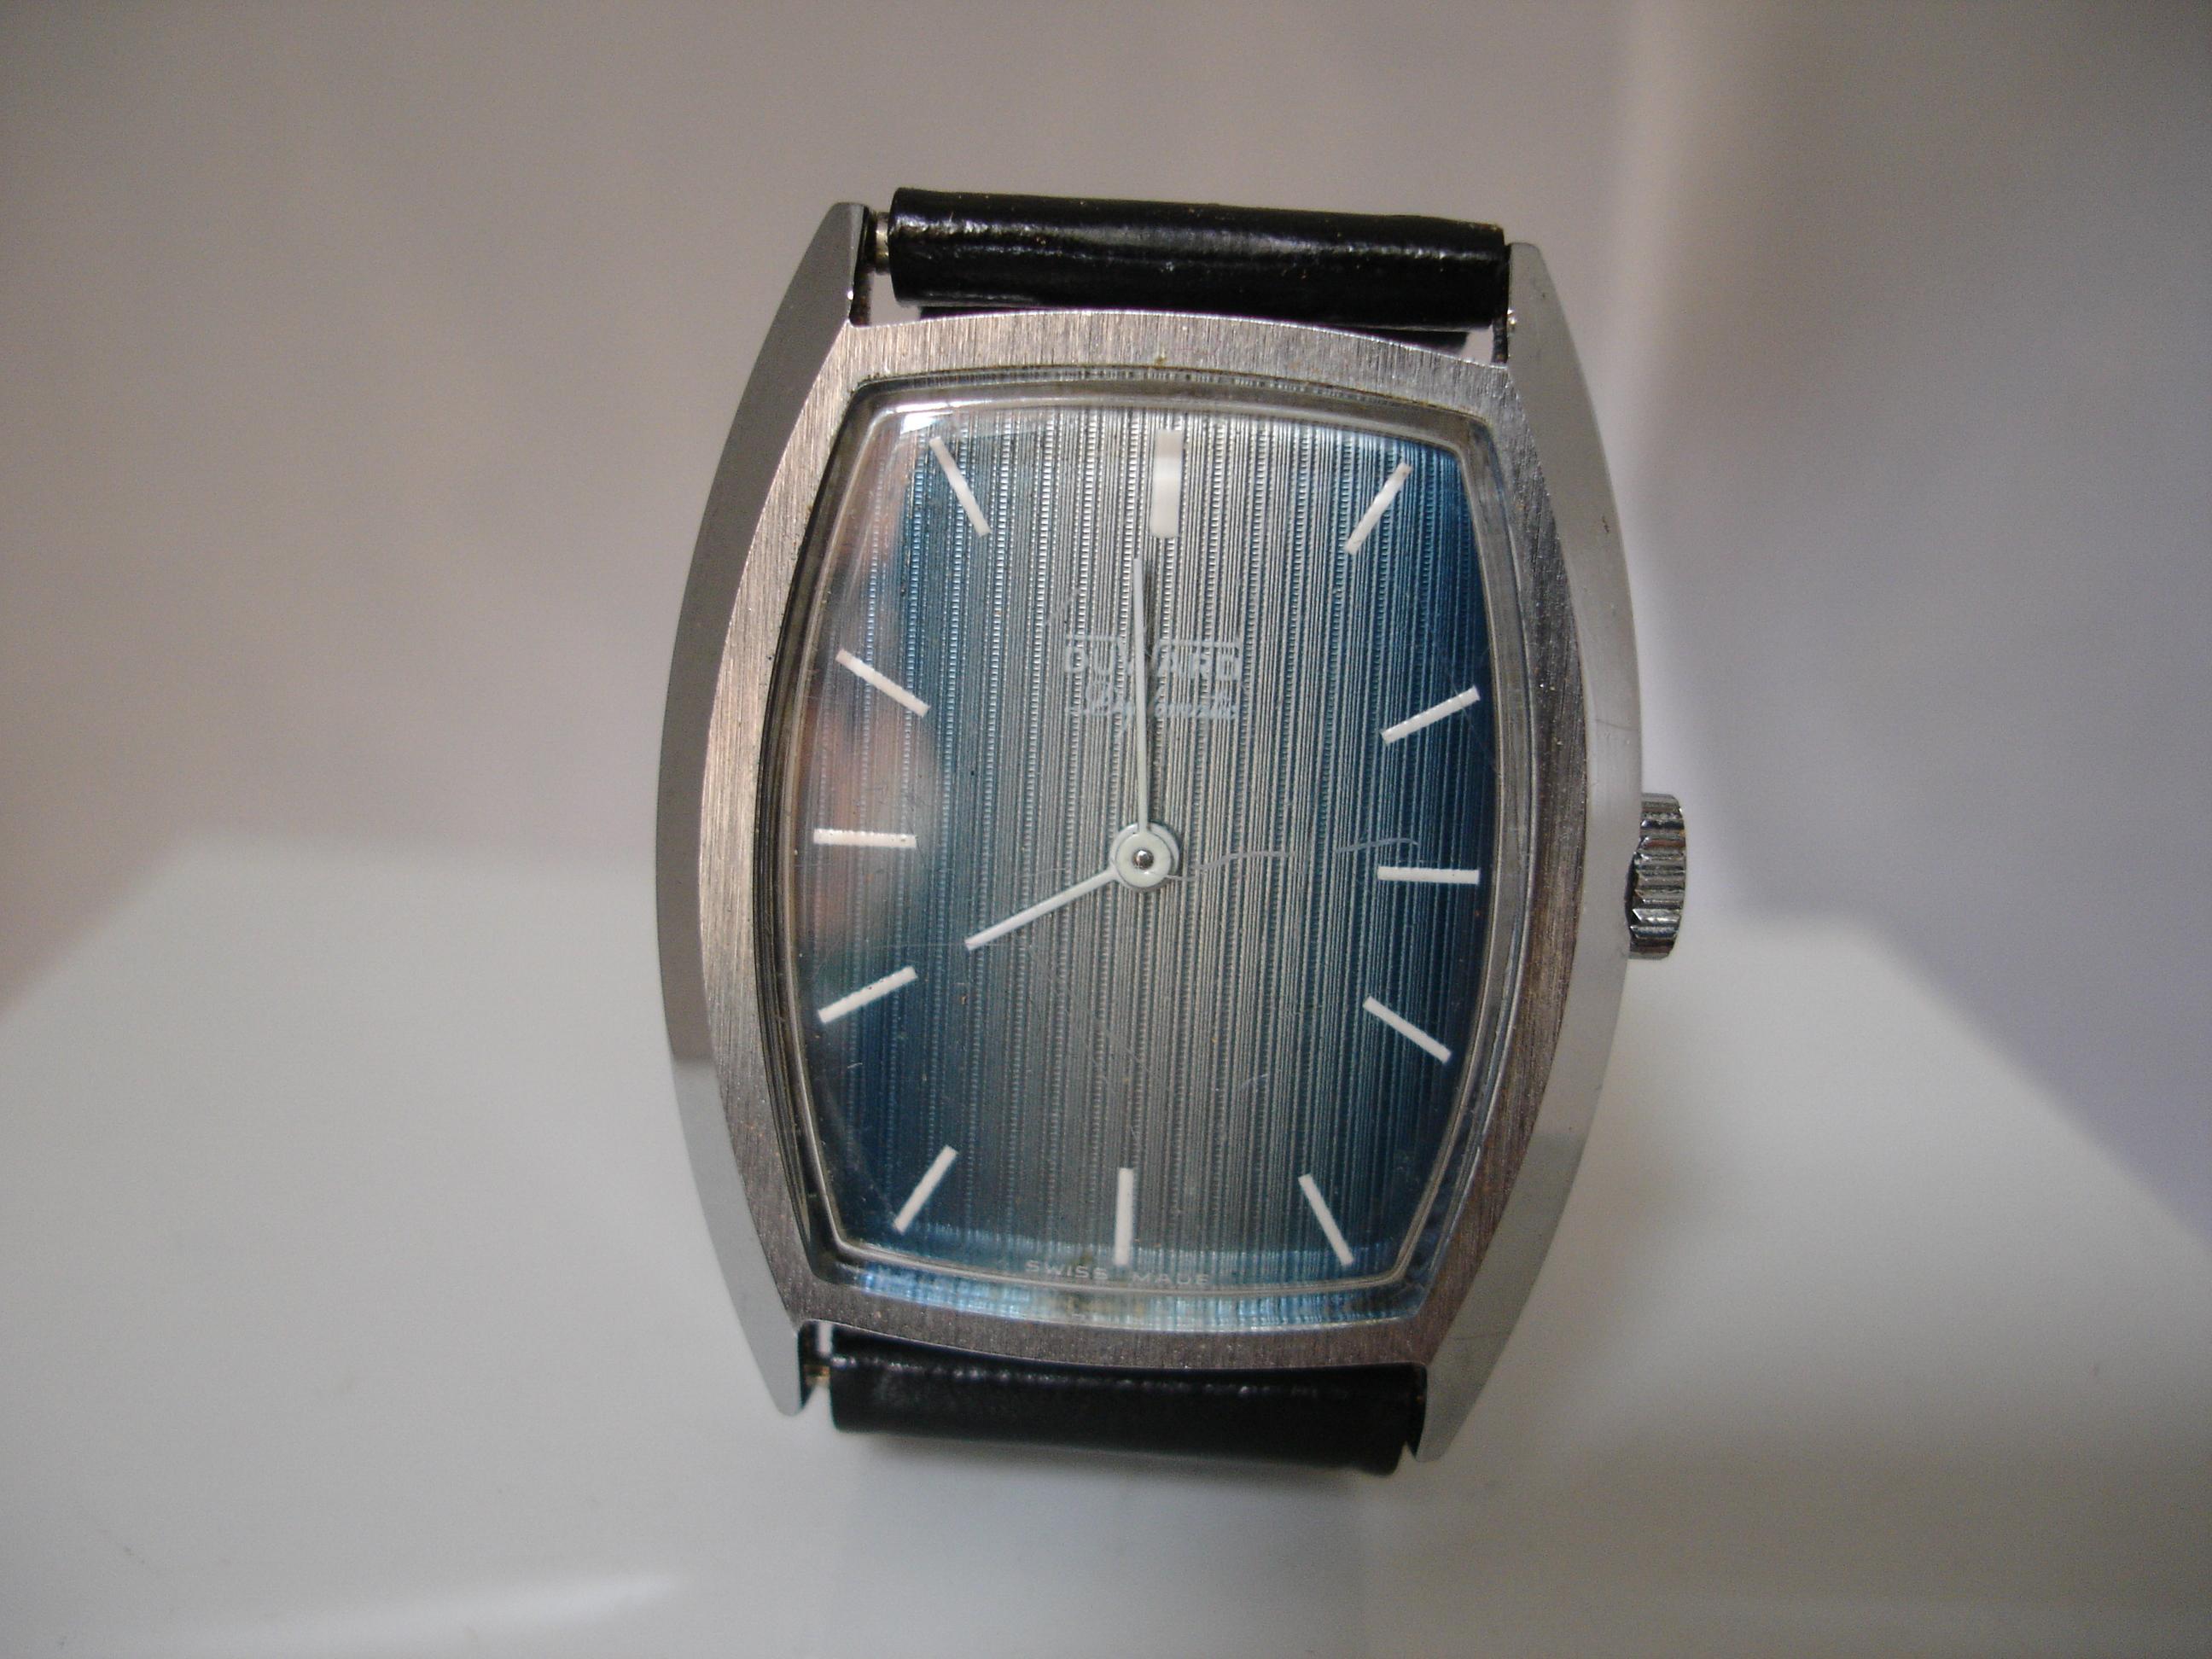 Elegante modelo de la serie Diplomatic equipado con movimiento de cuerda  manual. Hablar de los relojes Duward ... 82492e597e6d